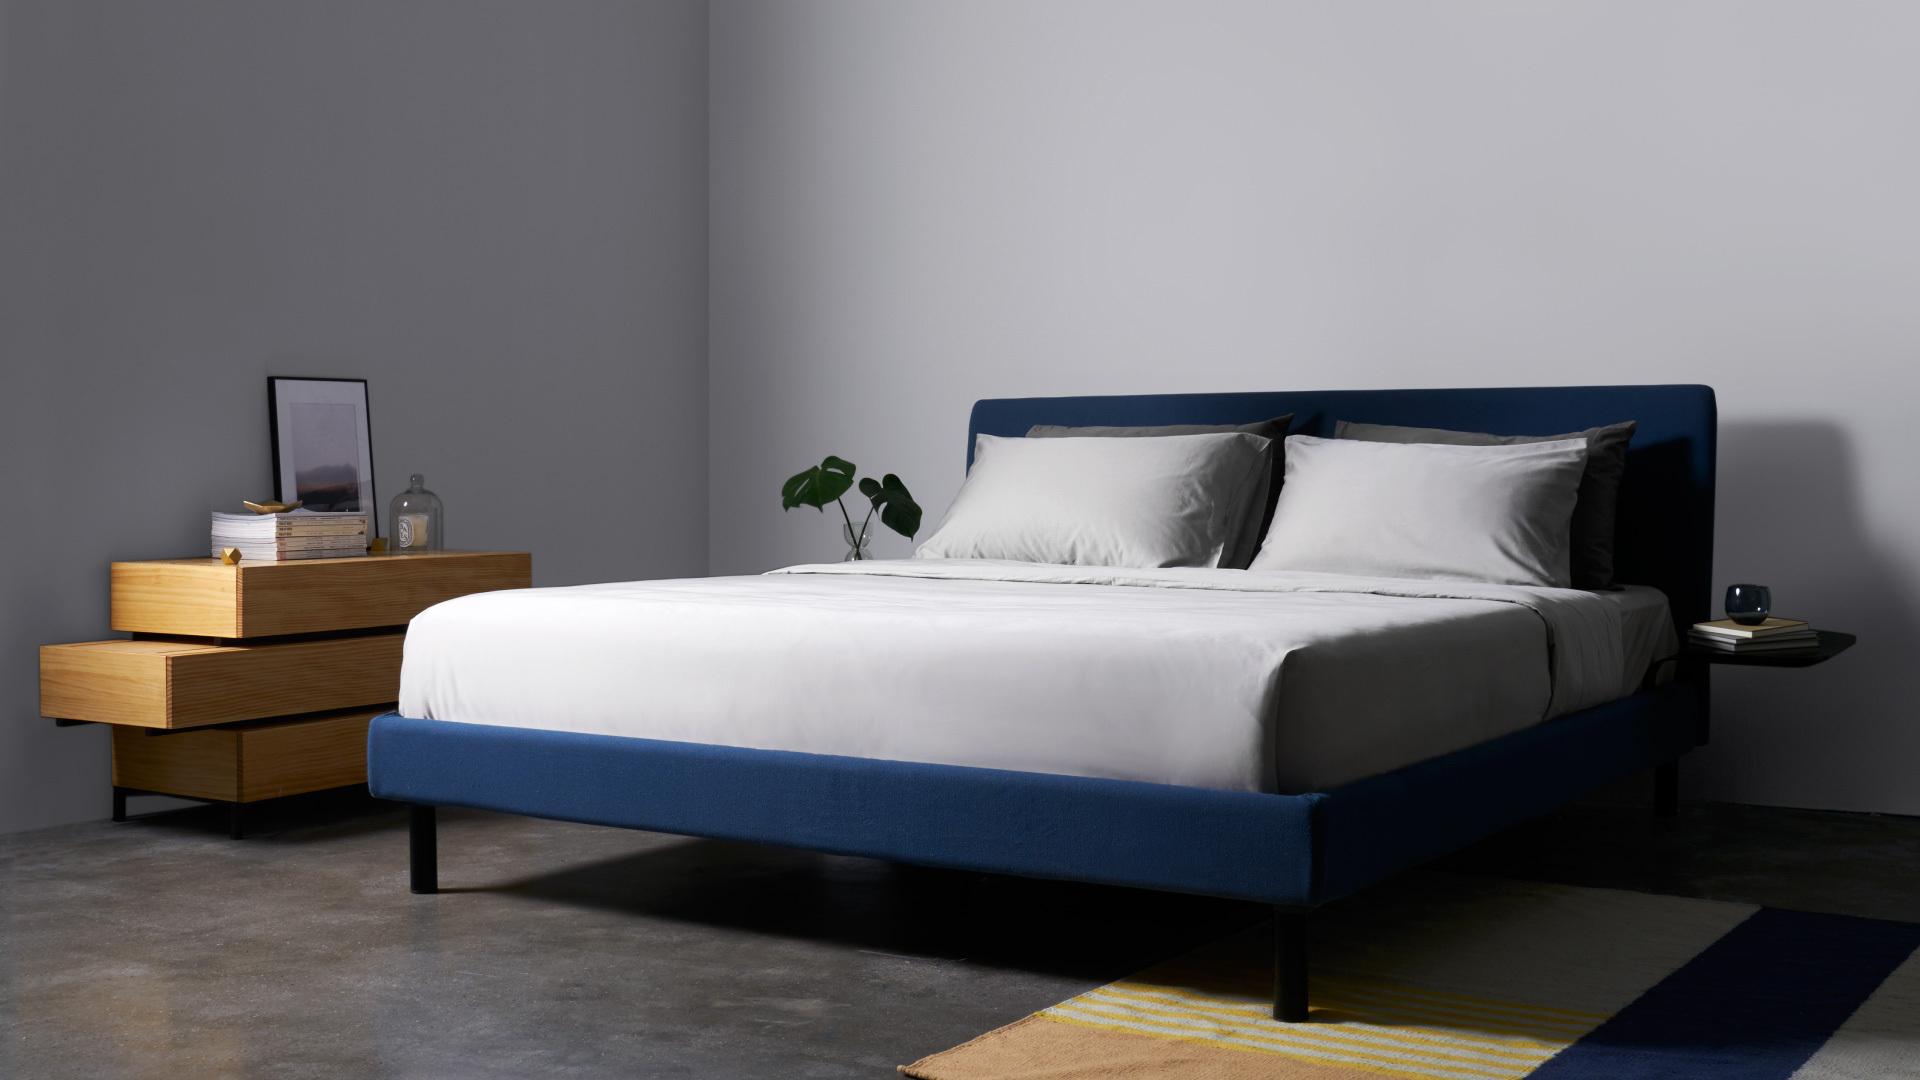 经典版雾蓝,沉稳放松的卧室基调